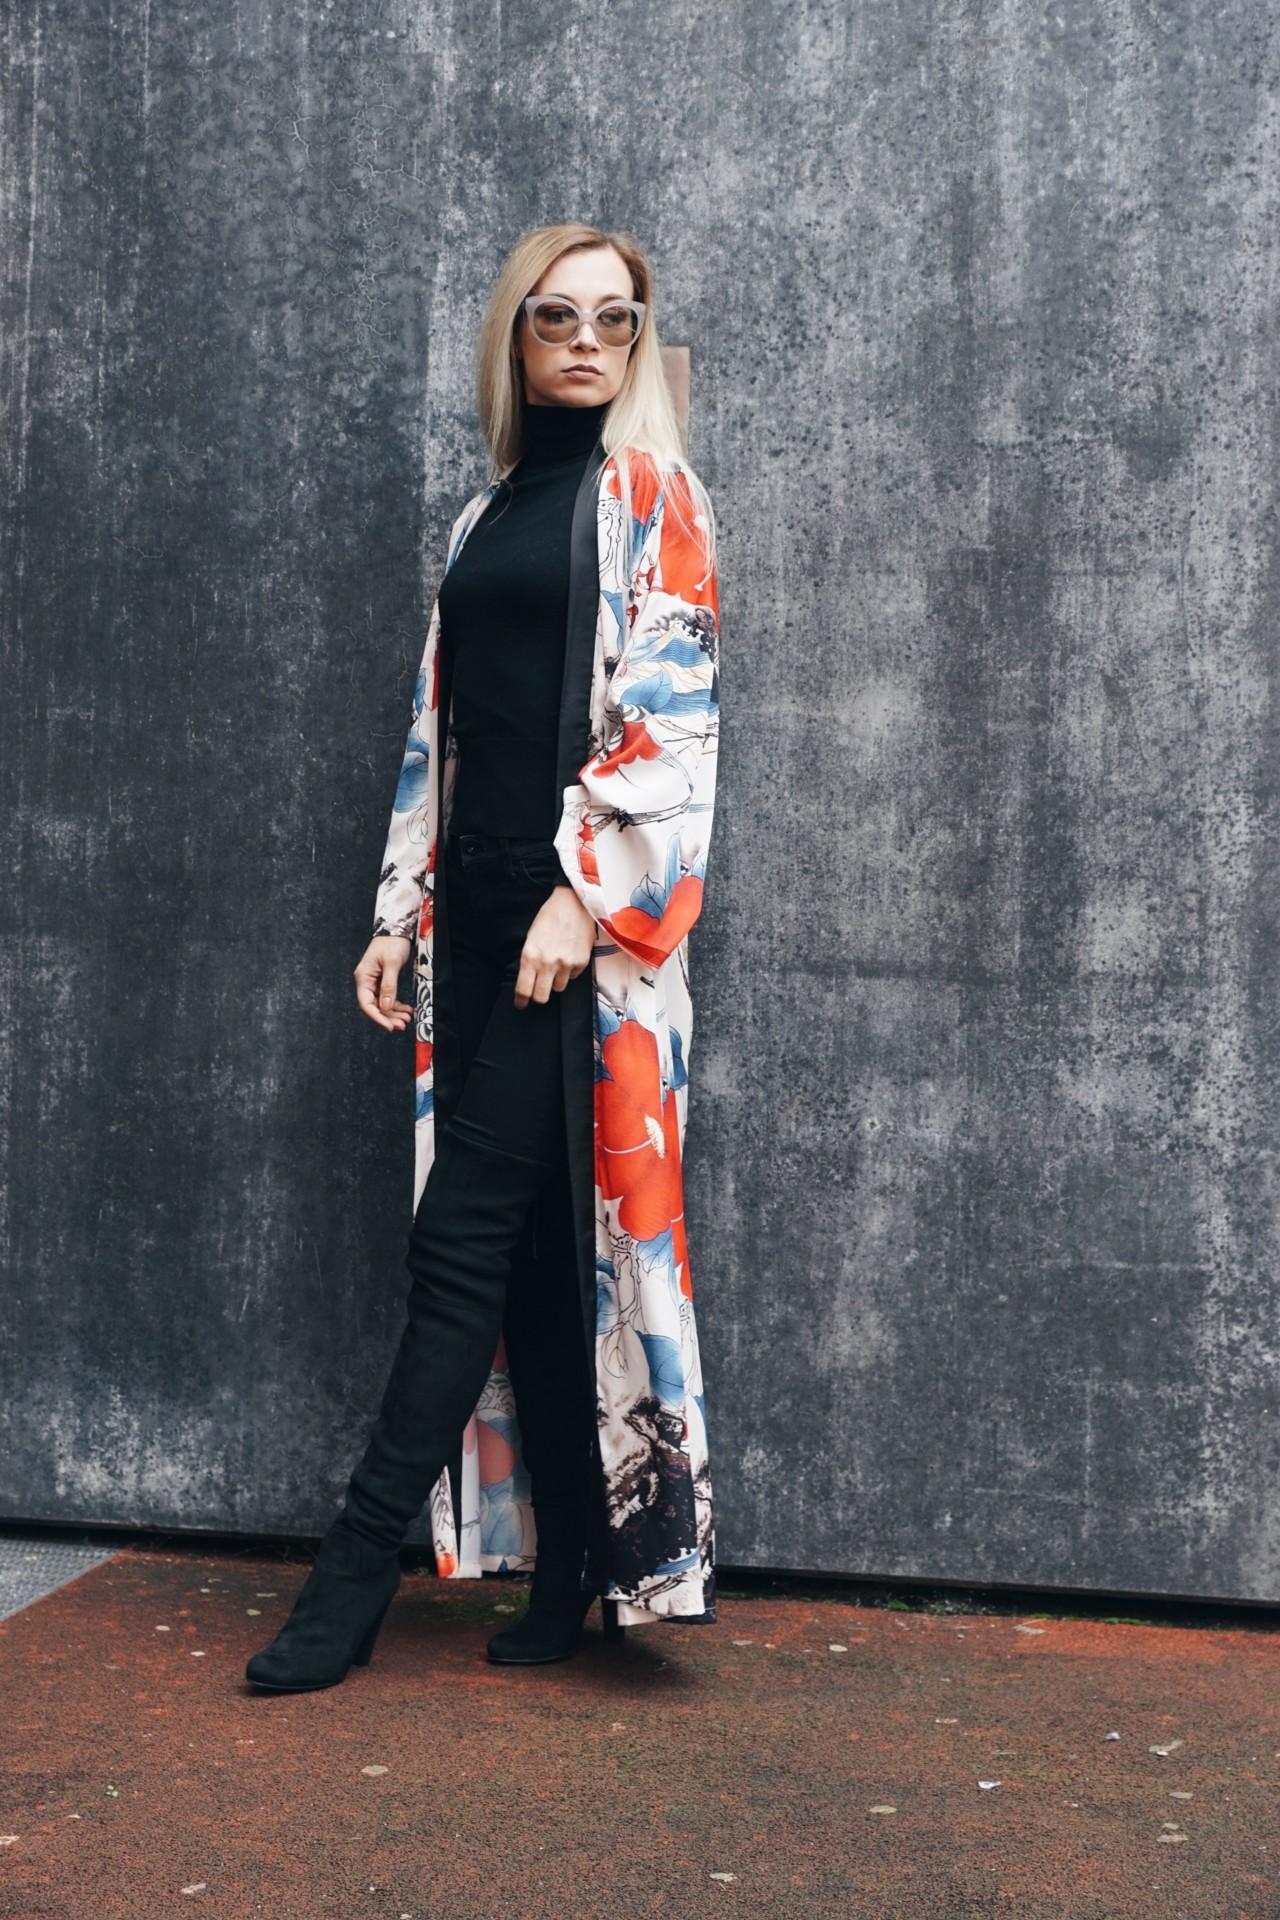 kimono_dbkstylez_entspannt_overknees_fashionblog_mode_мода_фэшнблог